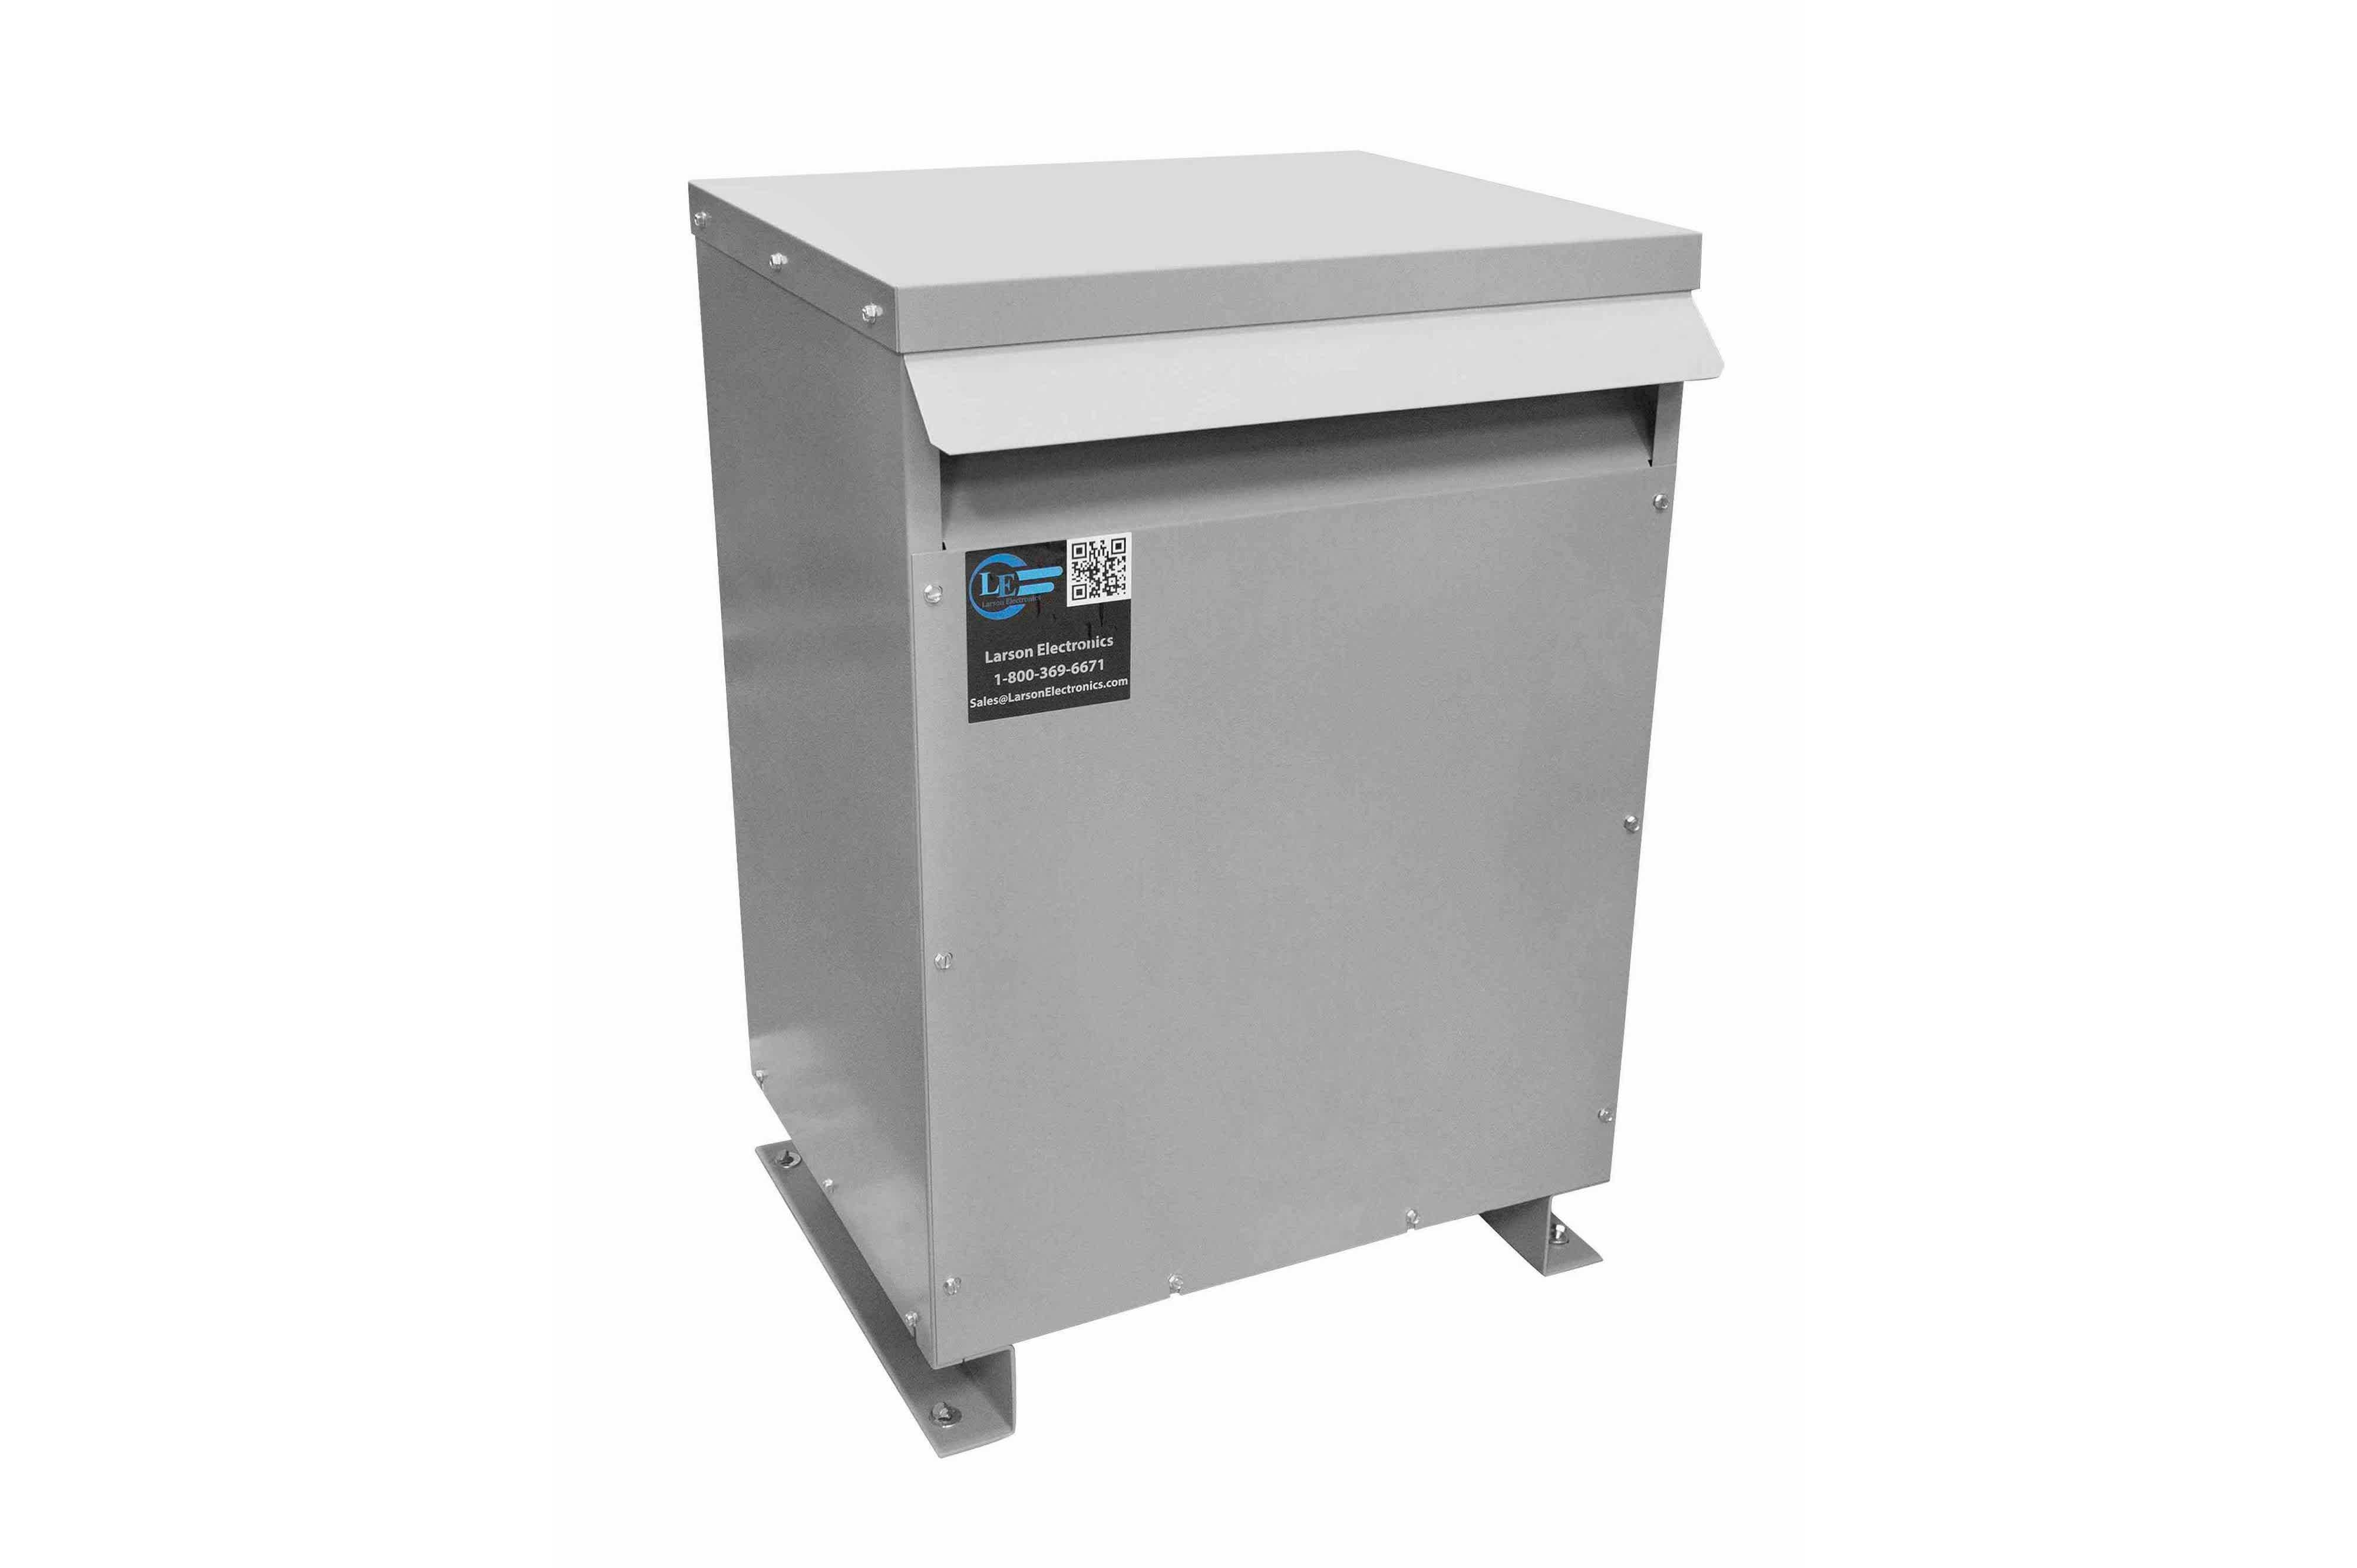 125 kVA 3PH Isolation Transformer, 480V Delta Primary, 575V Delta Secondary, N3R, Ventilated, 60 Hz